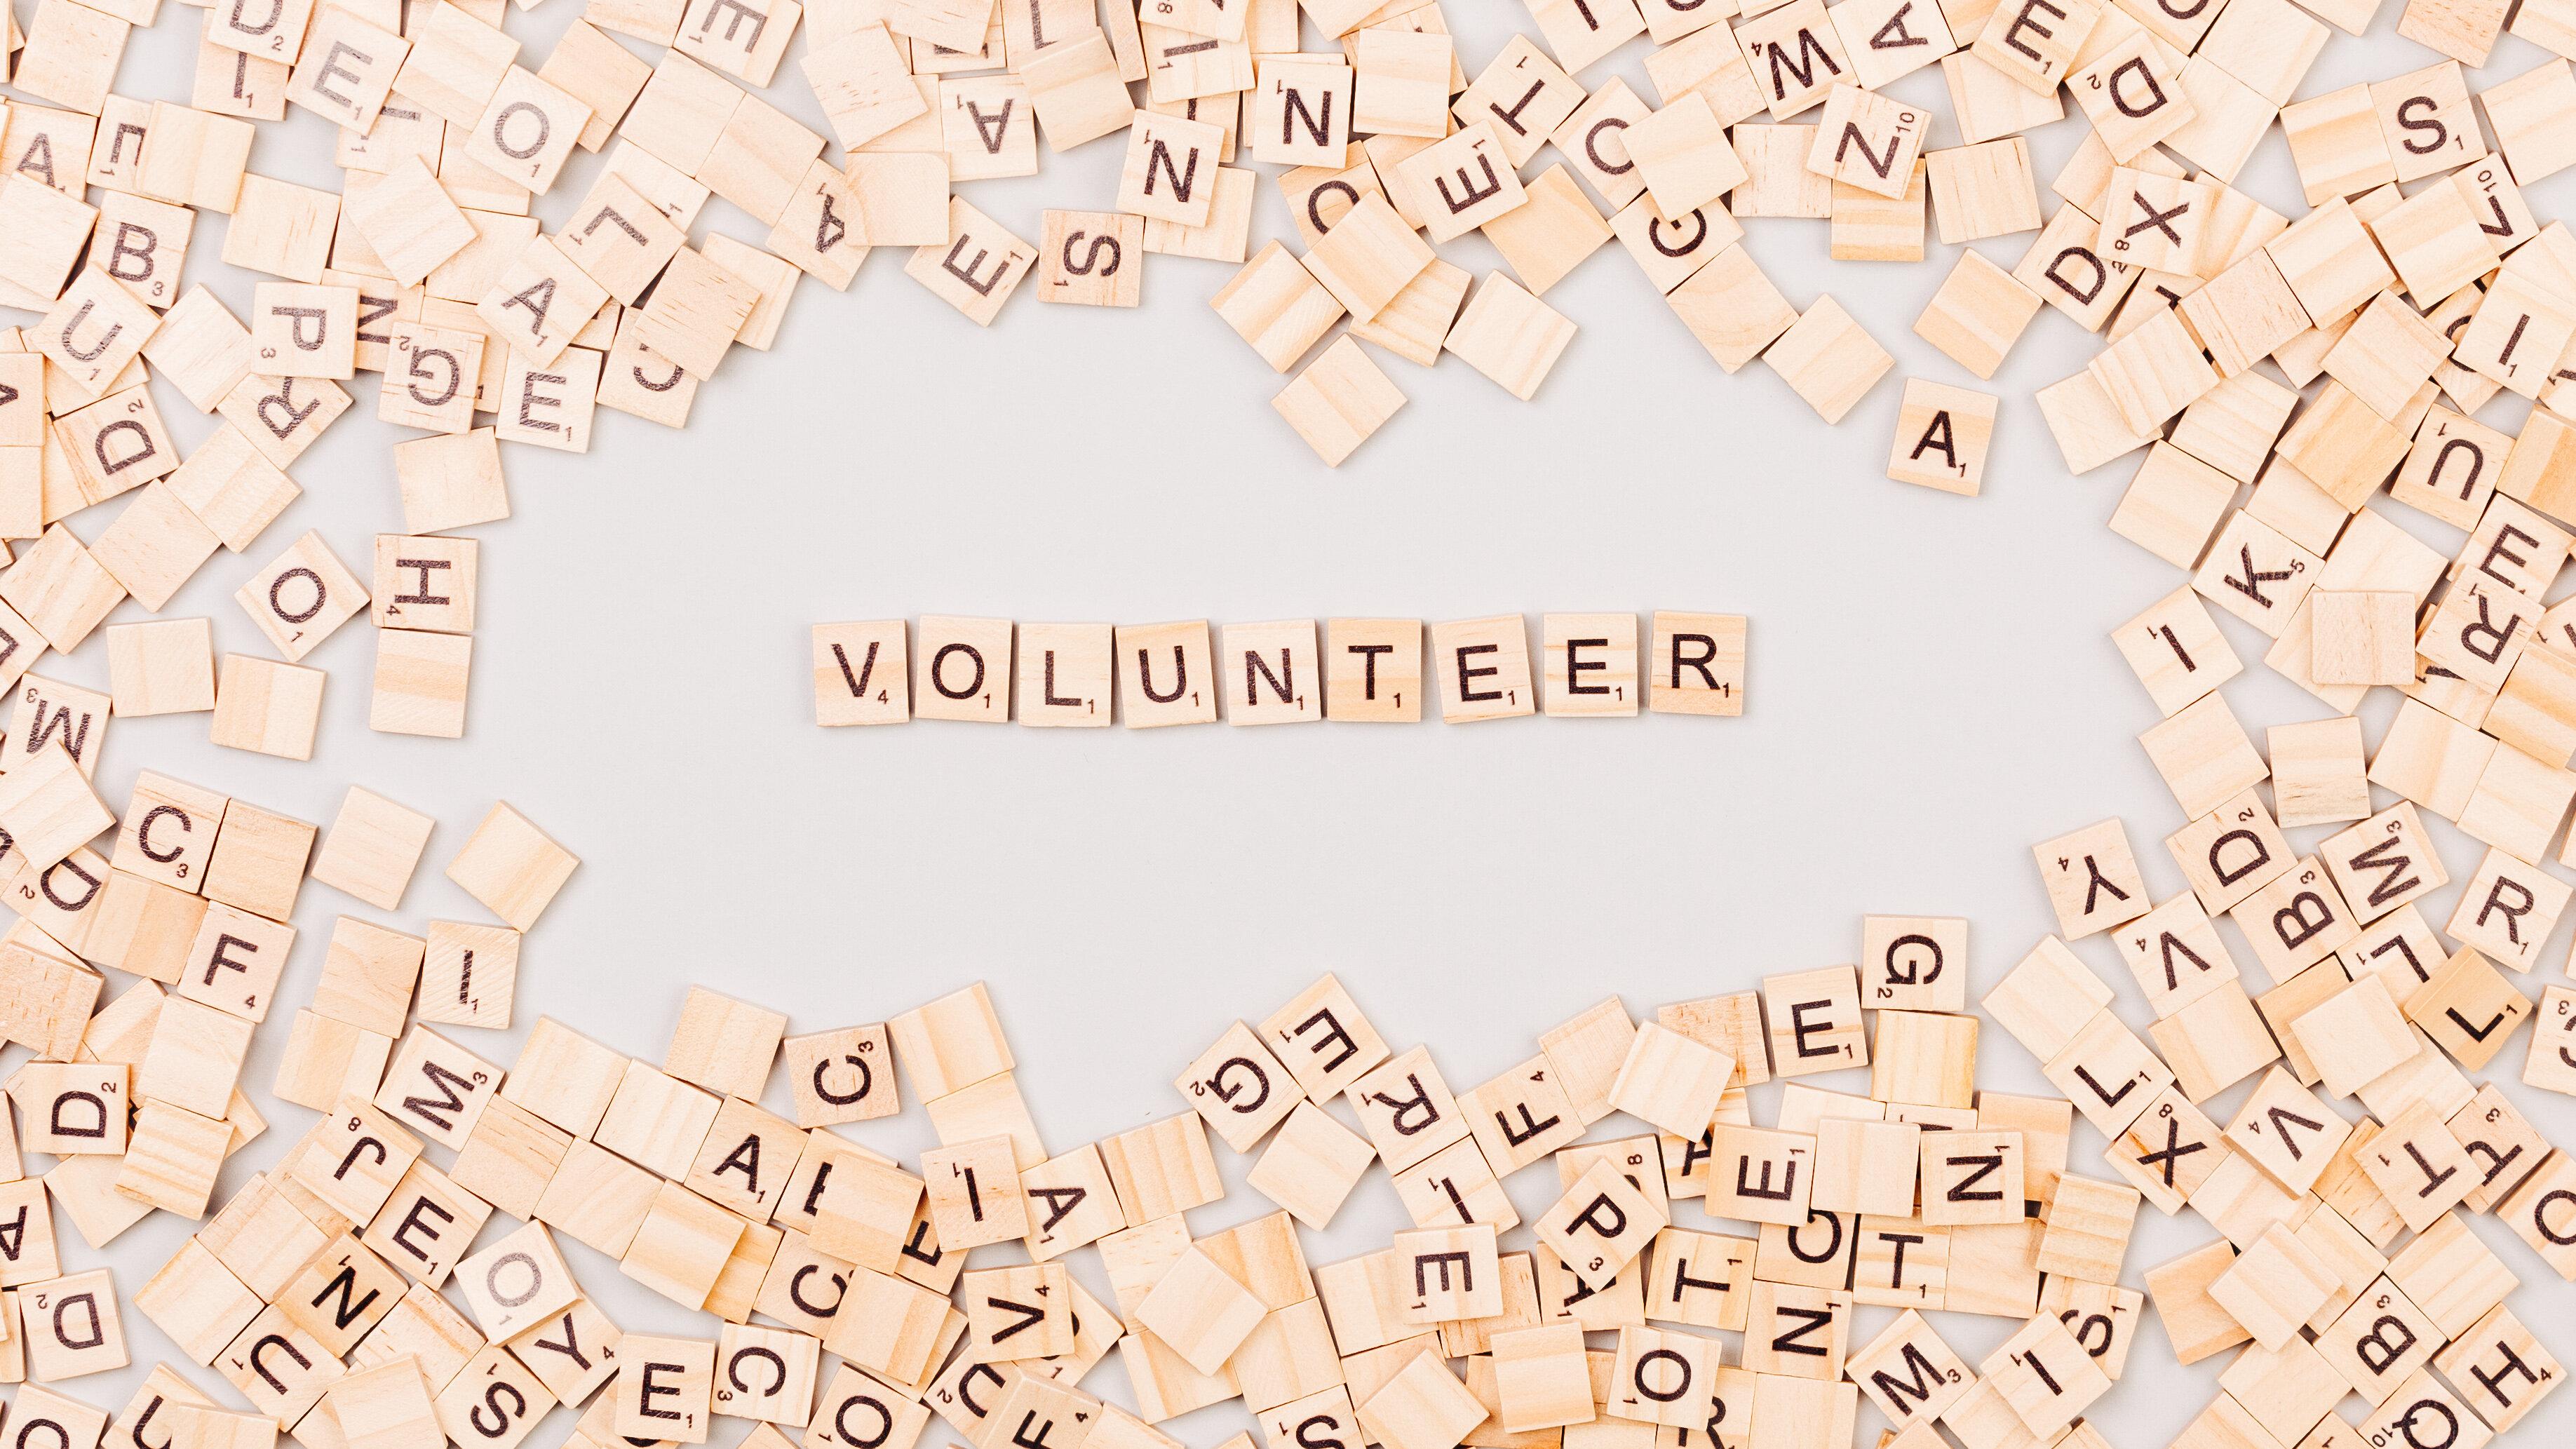 Volunteers Needed for Children's Ministry